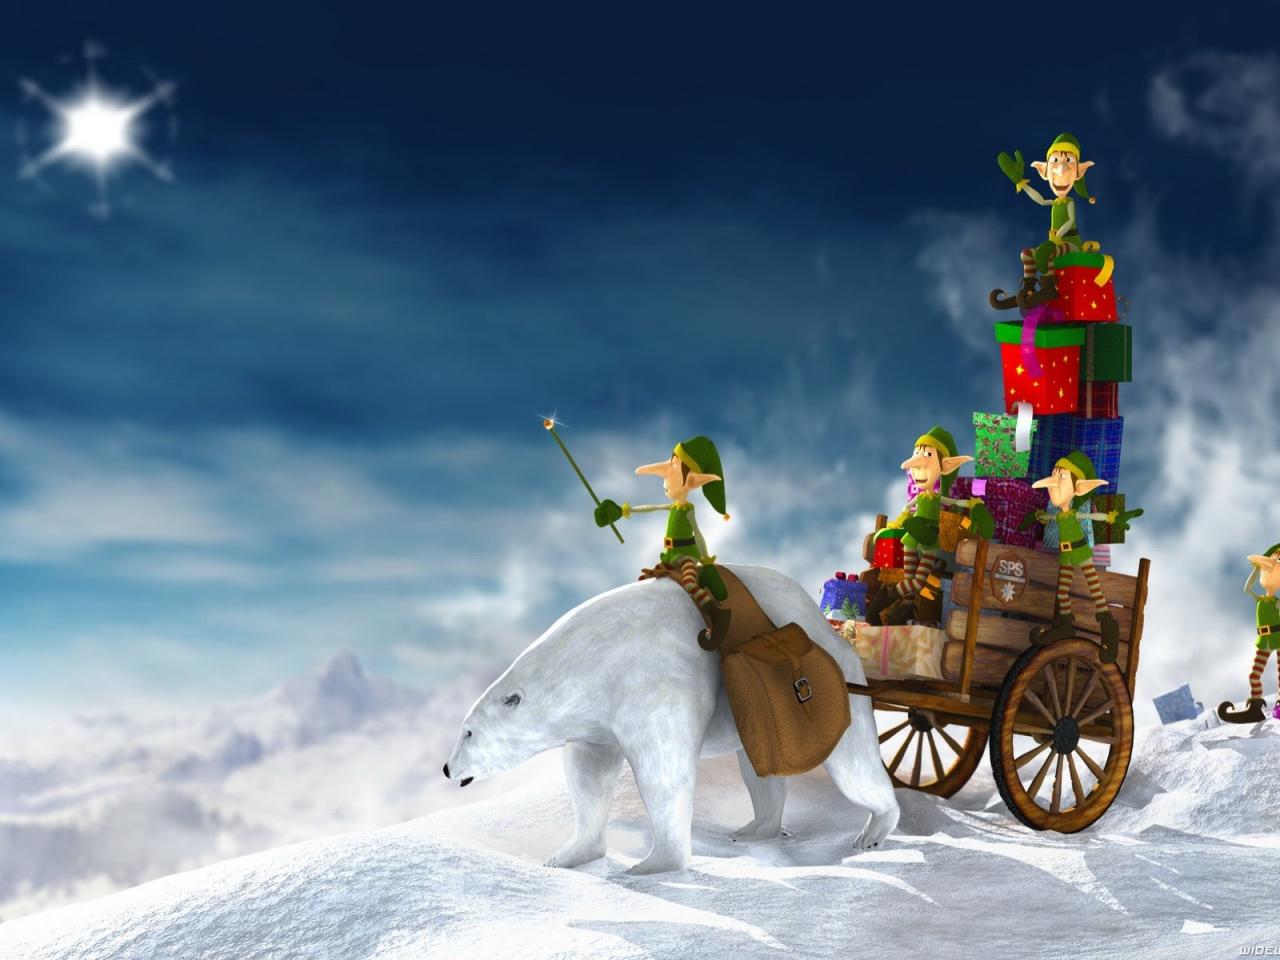 Dibujo de duendes repariendo regalos en navidad - 1280x960